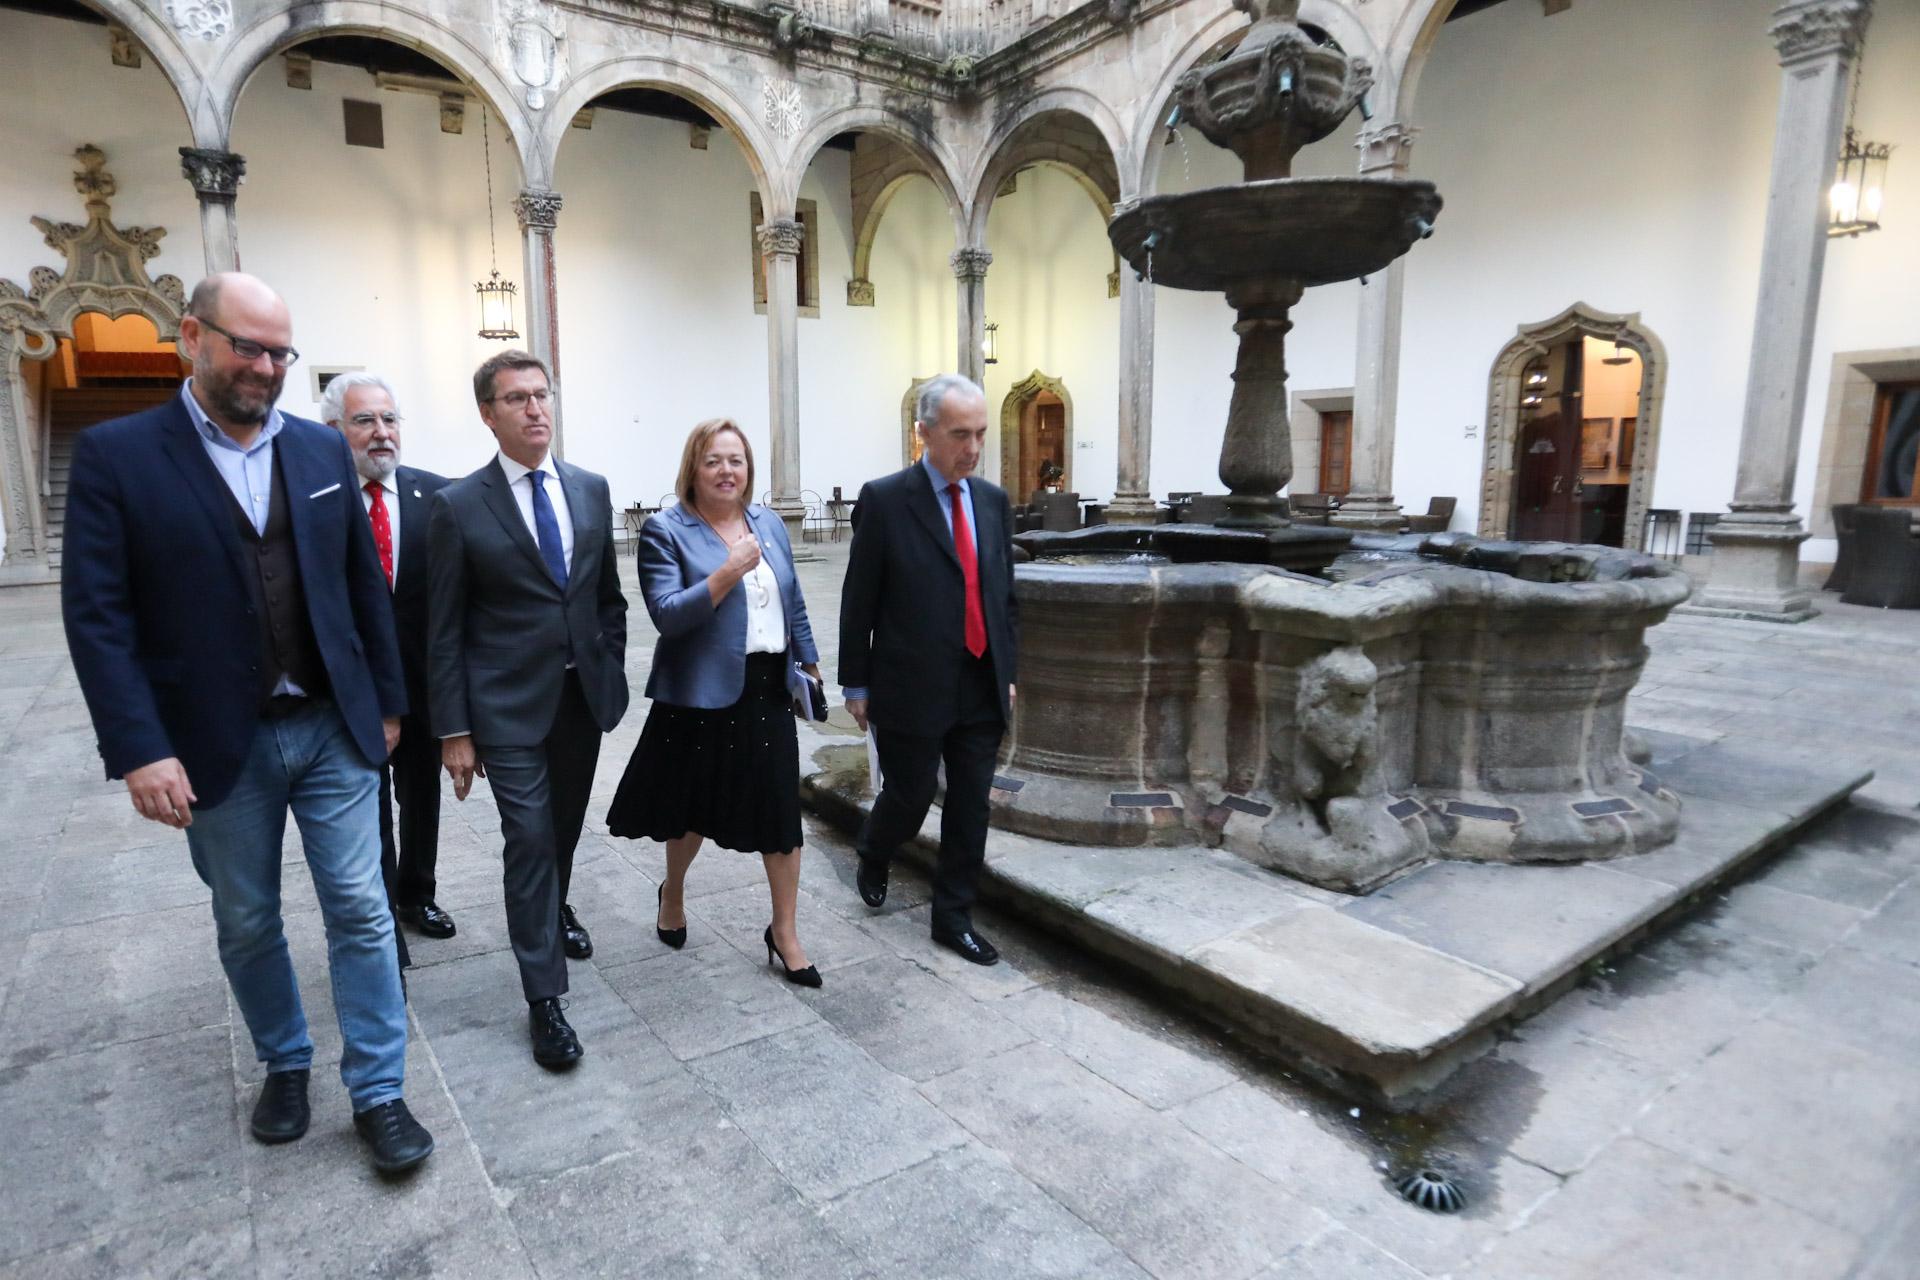 imagen de El presidente de la Xunta de Galicia, Alberto Núñez Feijóo y la presidenta del CSIC, Rosa Menéndez, en un acto de octubre de 2018 en el marco del 75 aniversario.